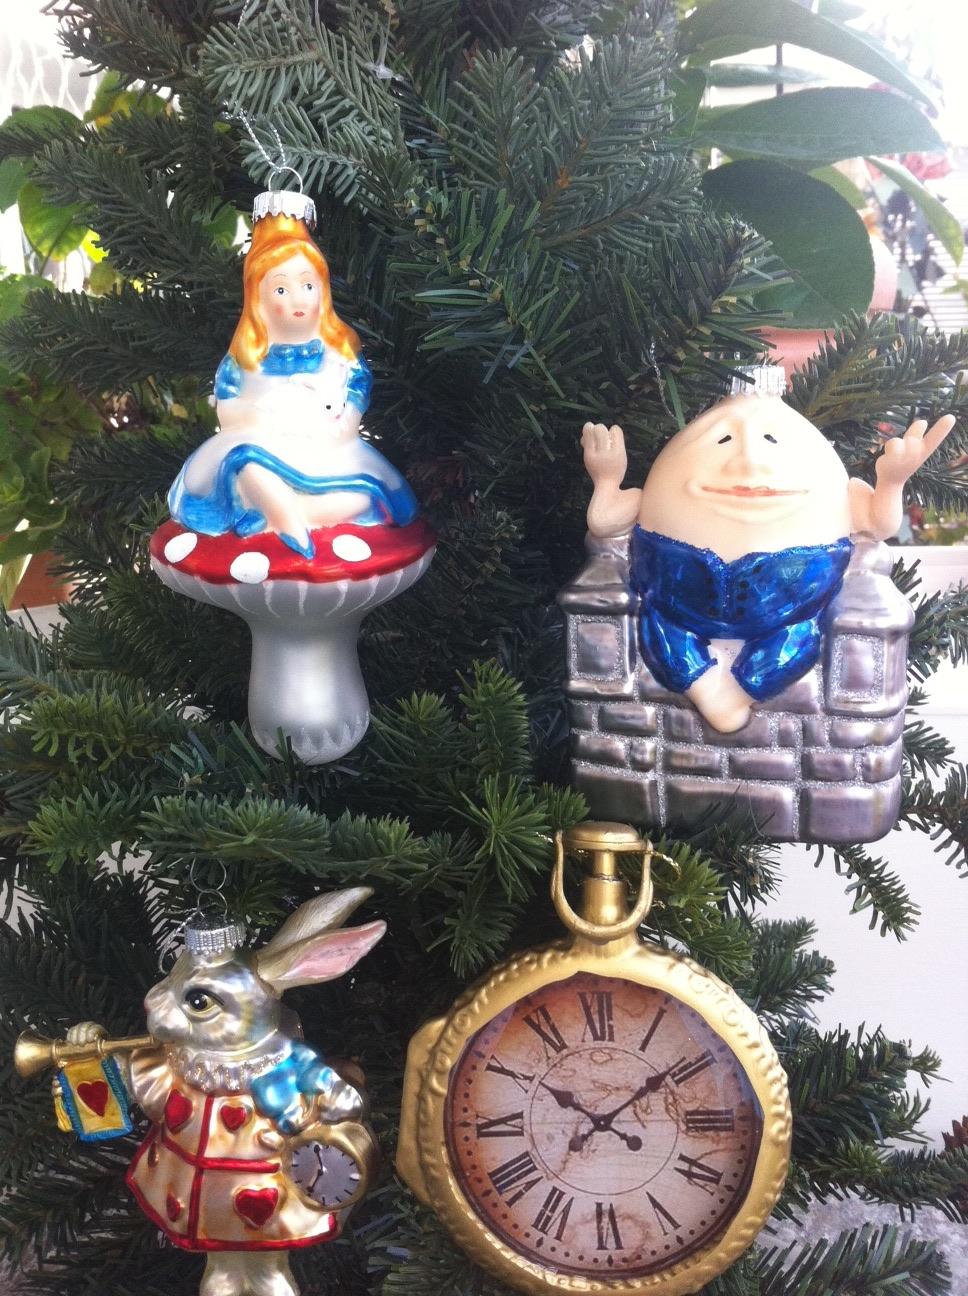 Papiermache Weihnachtsmann Nikolaus Weihnachtsmanner Engel